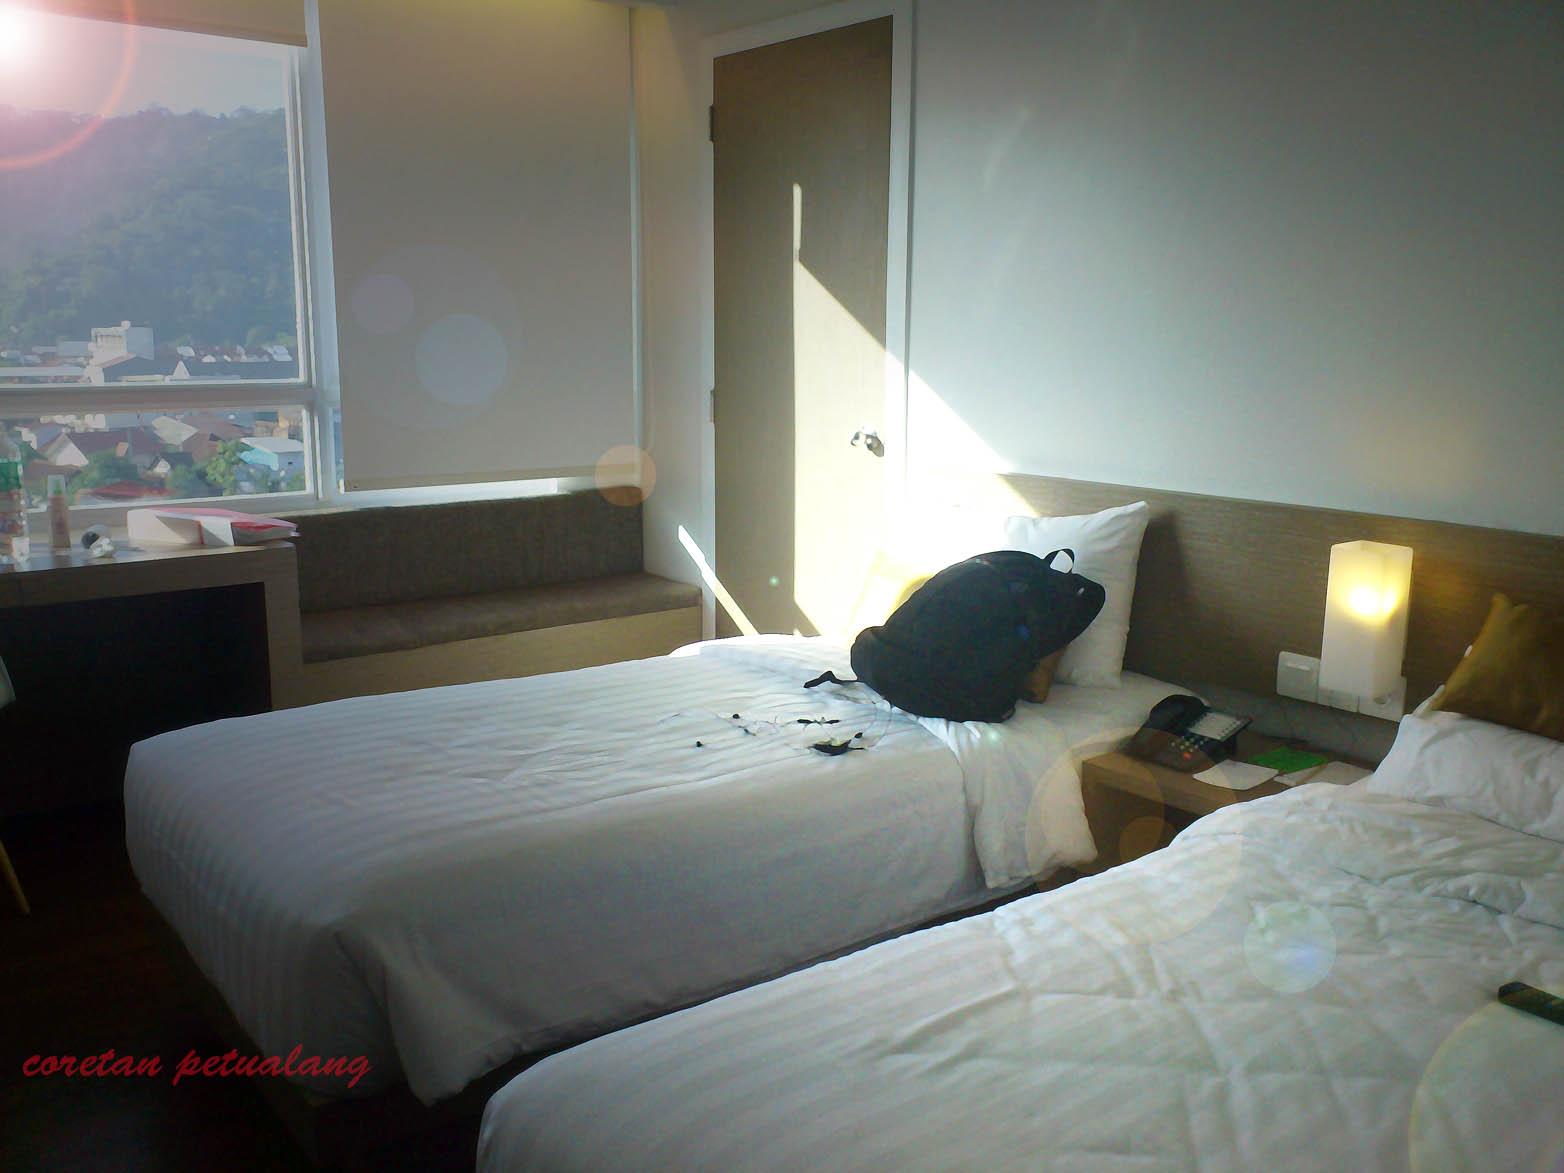 Memilih Hotel Mendapatkan Yang Tepat Berwisata Tambah